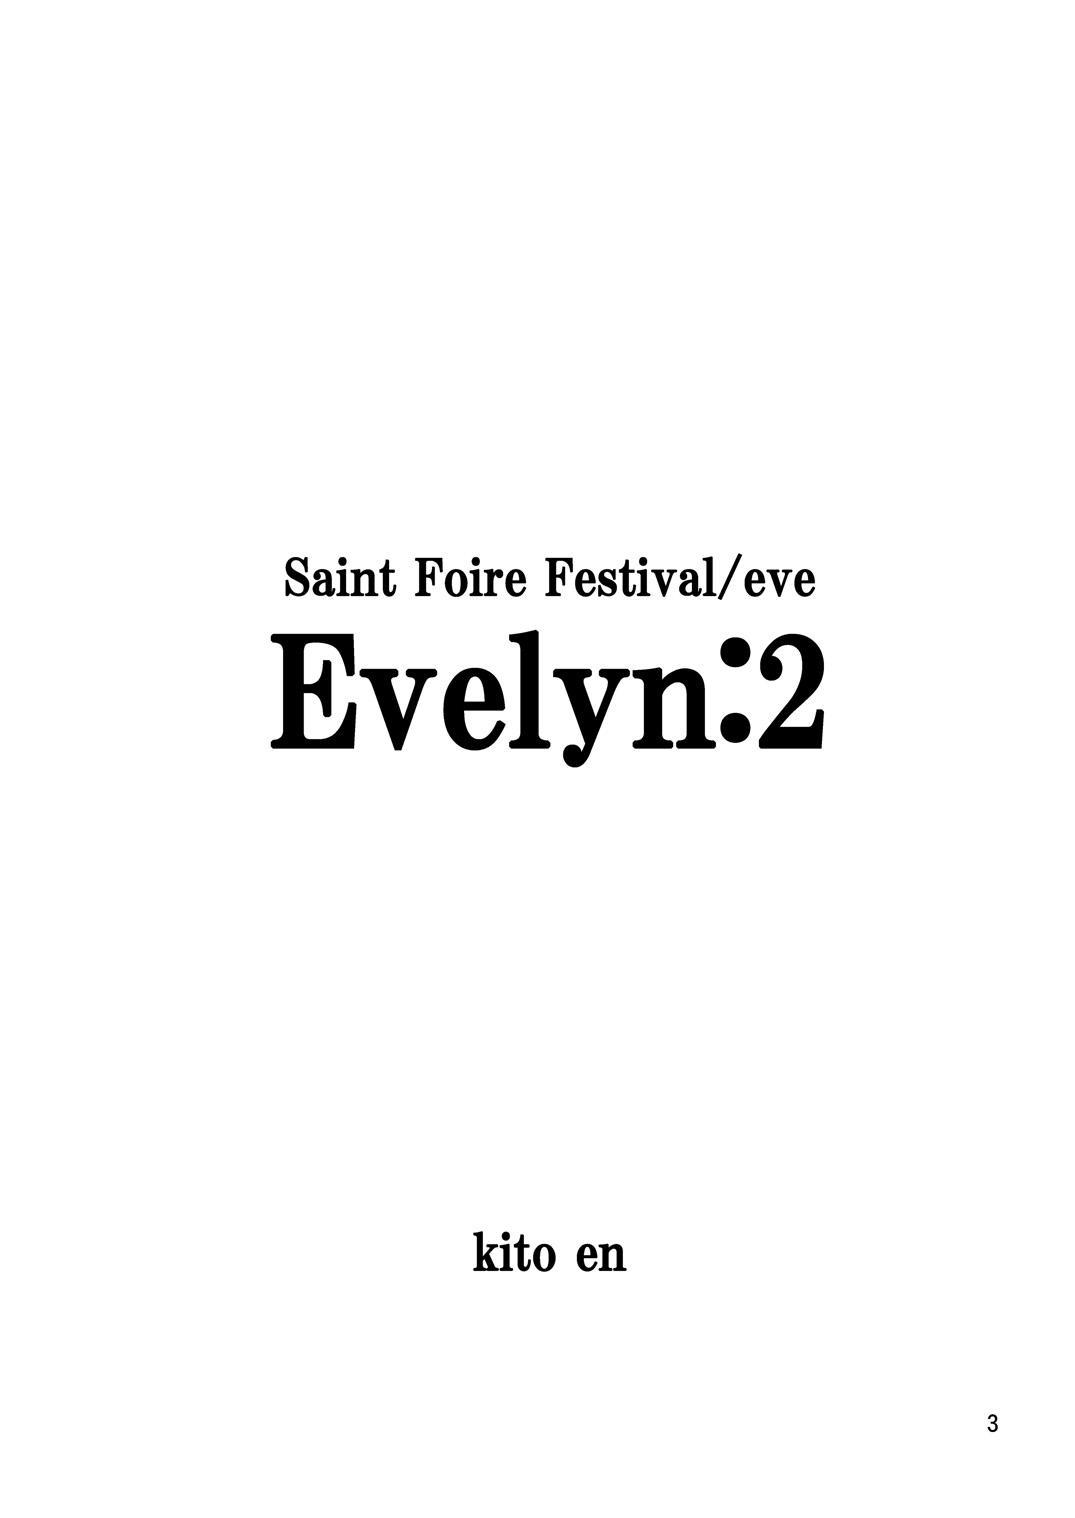 Saint Foire Festival Eve Evelyn:2 1